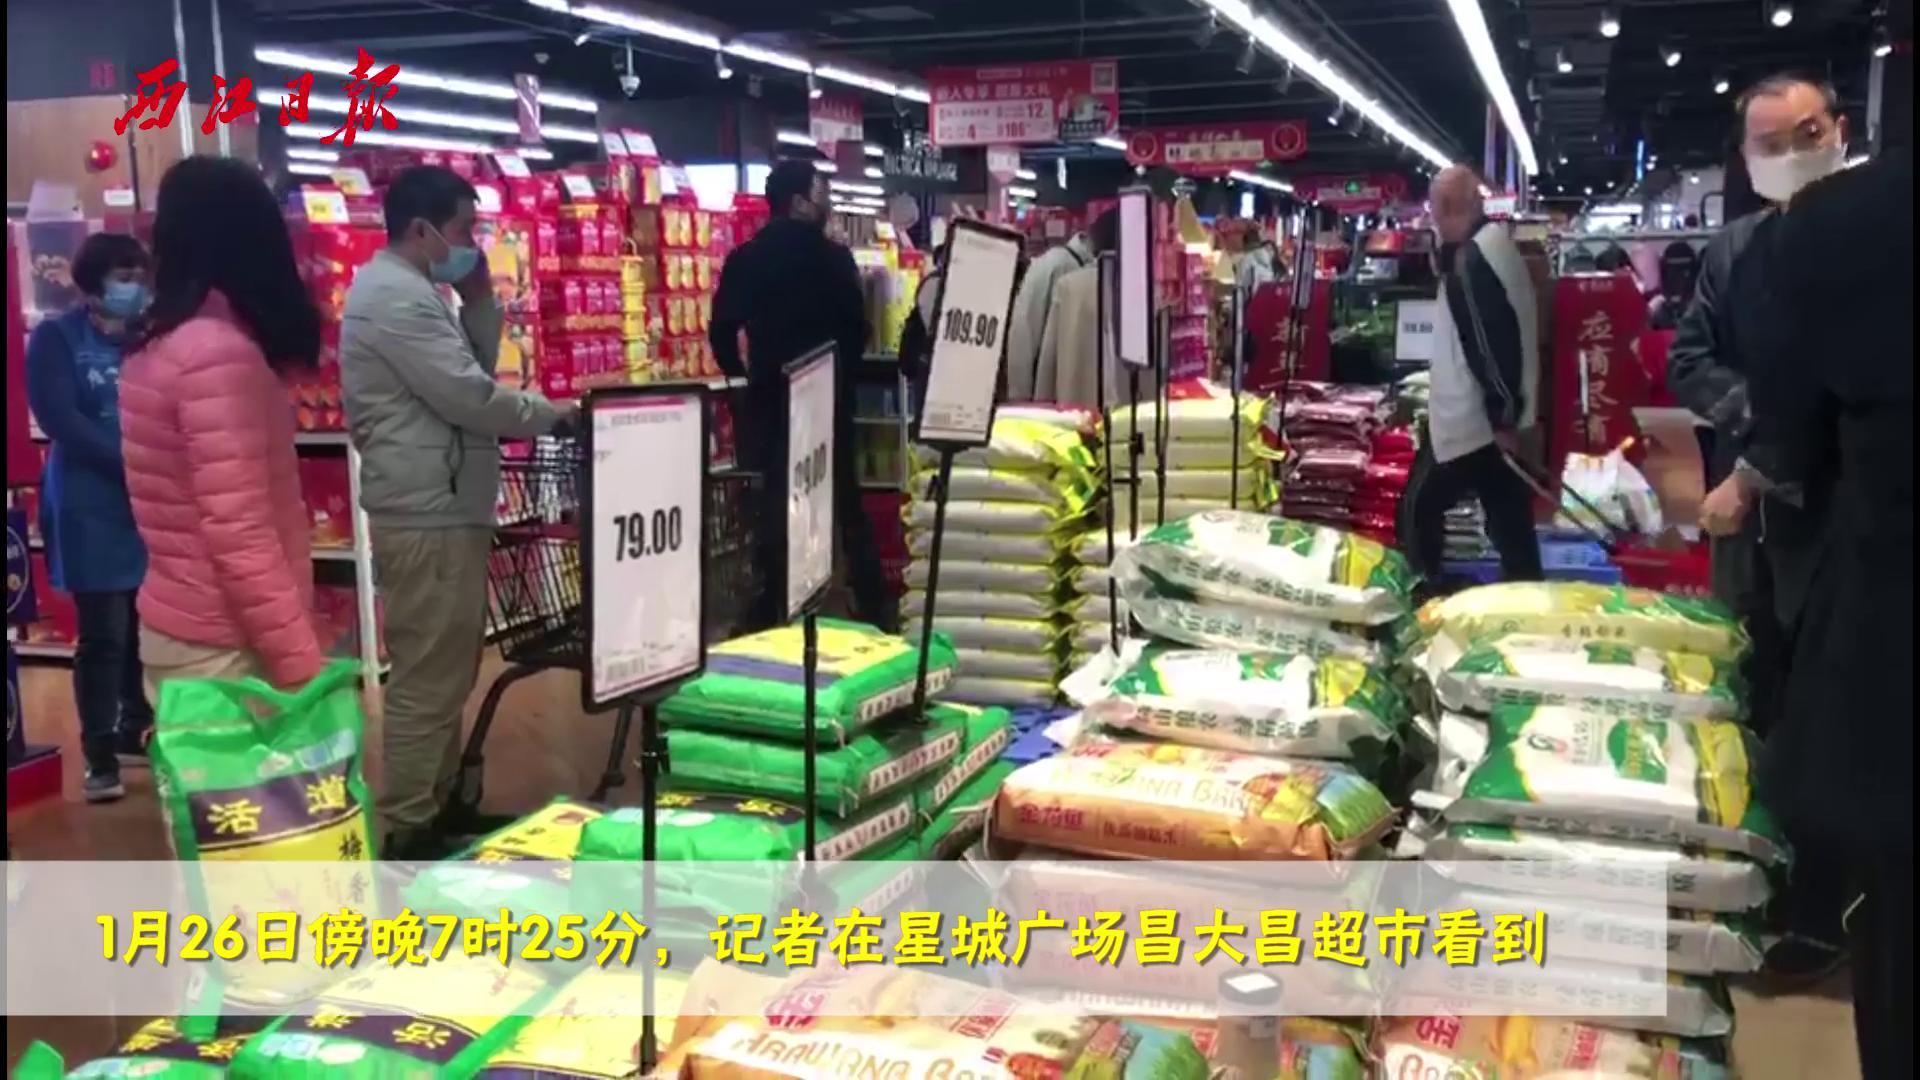 记者探访 | 超市粮油蔬菜等存量充足 市民购物秩序井然